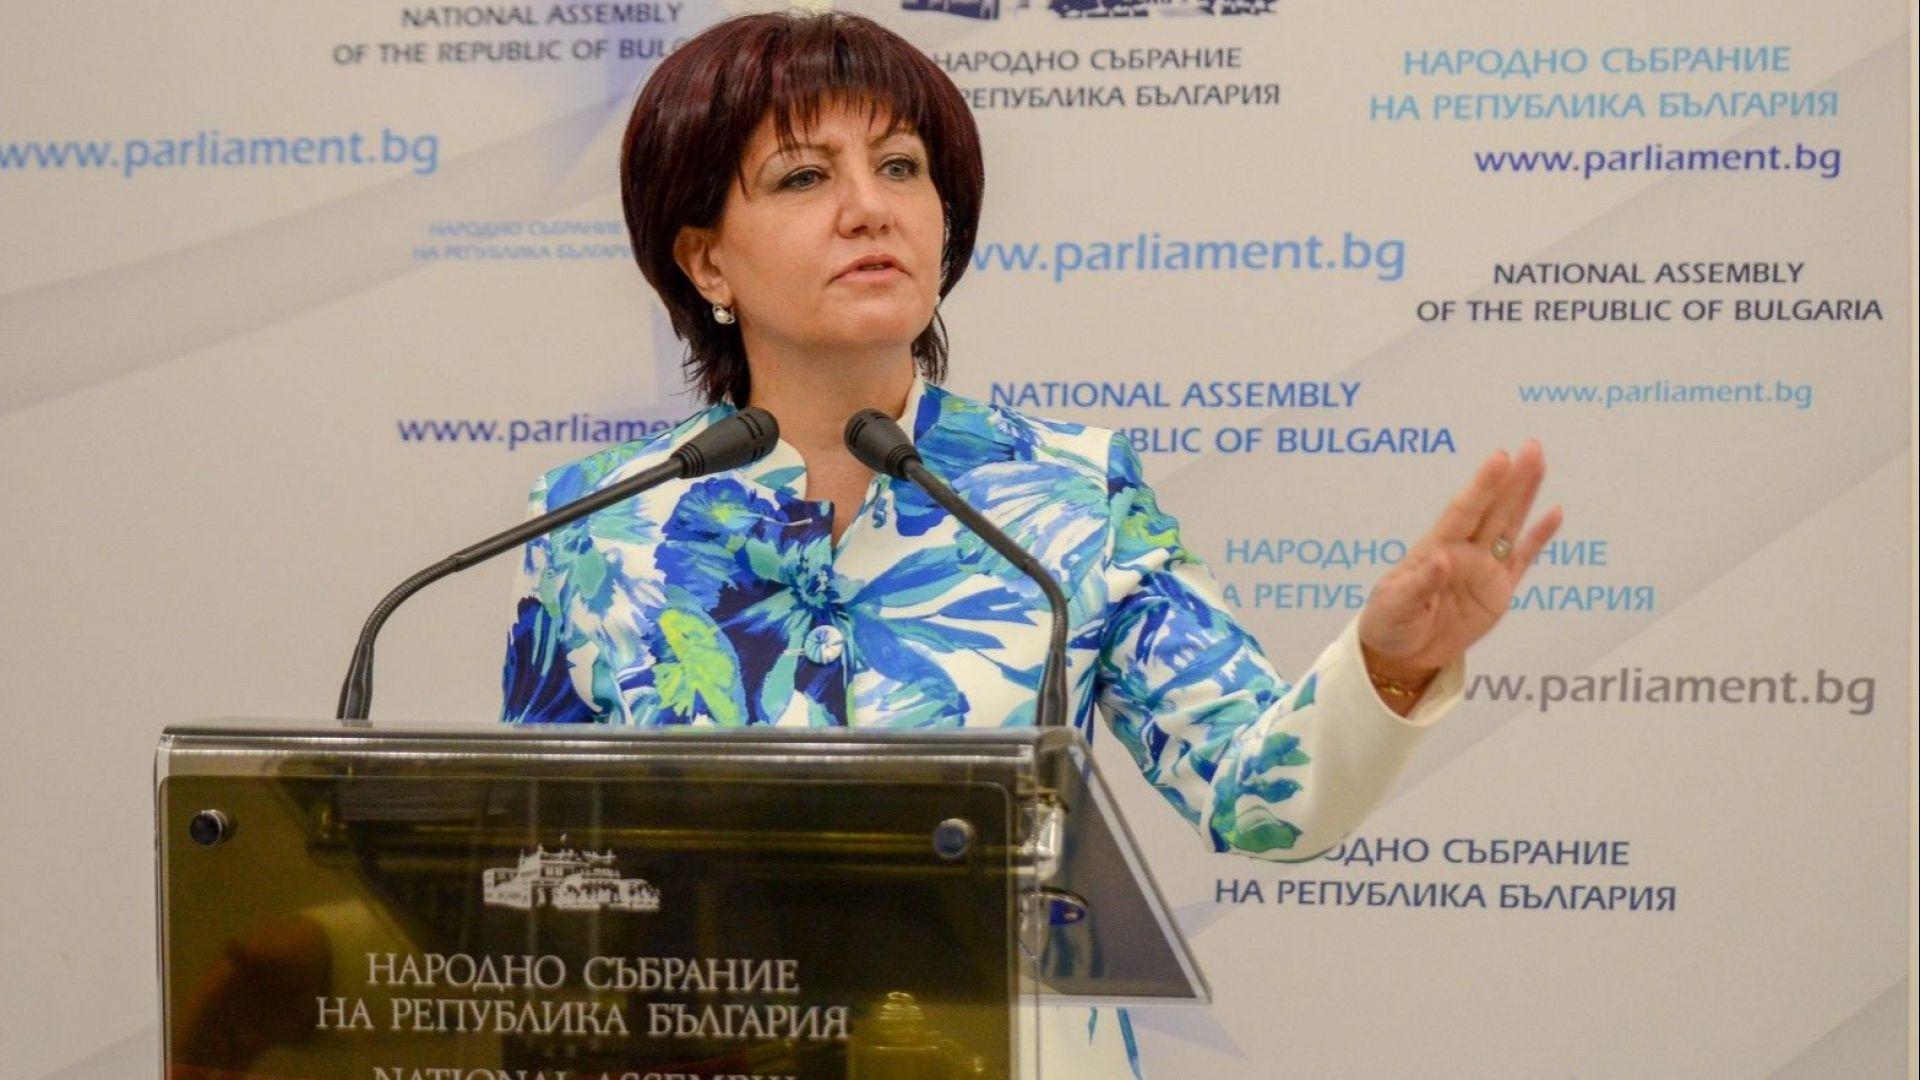 Цвета Караянчева: Махат шефа на Пътното в Кърджали заради познанството му с мен